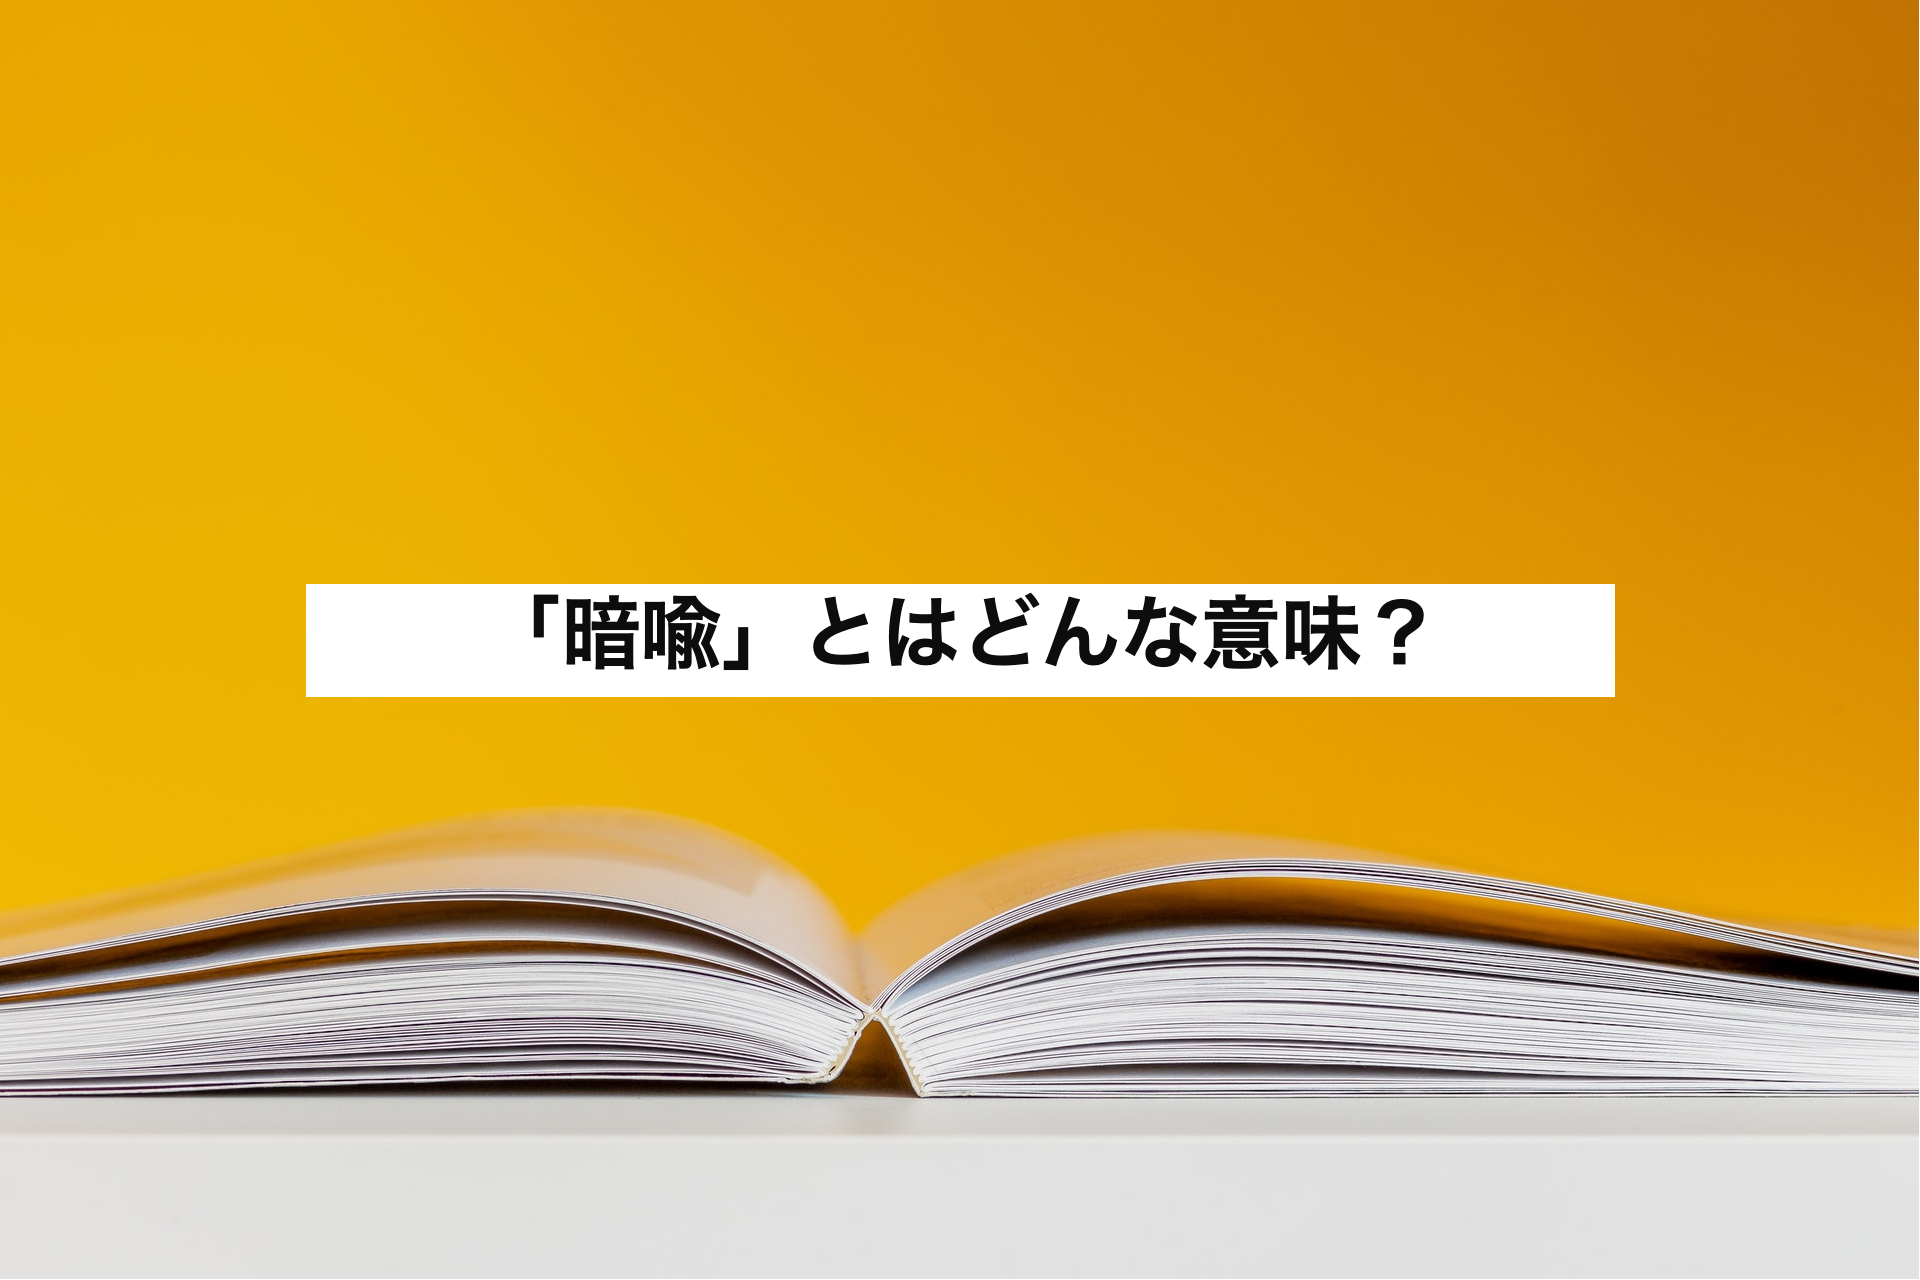 「暗喩」とはどんな意味?具体的な使い方から類語まで解説